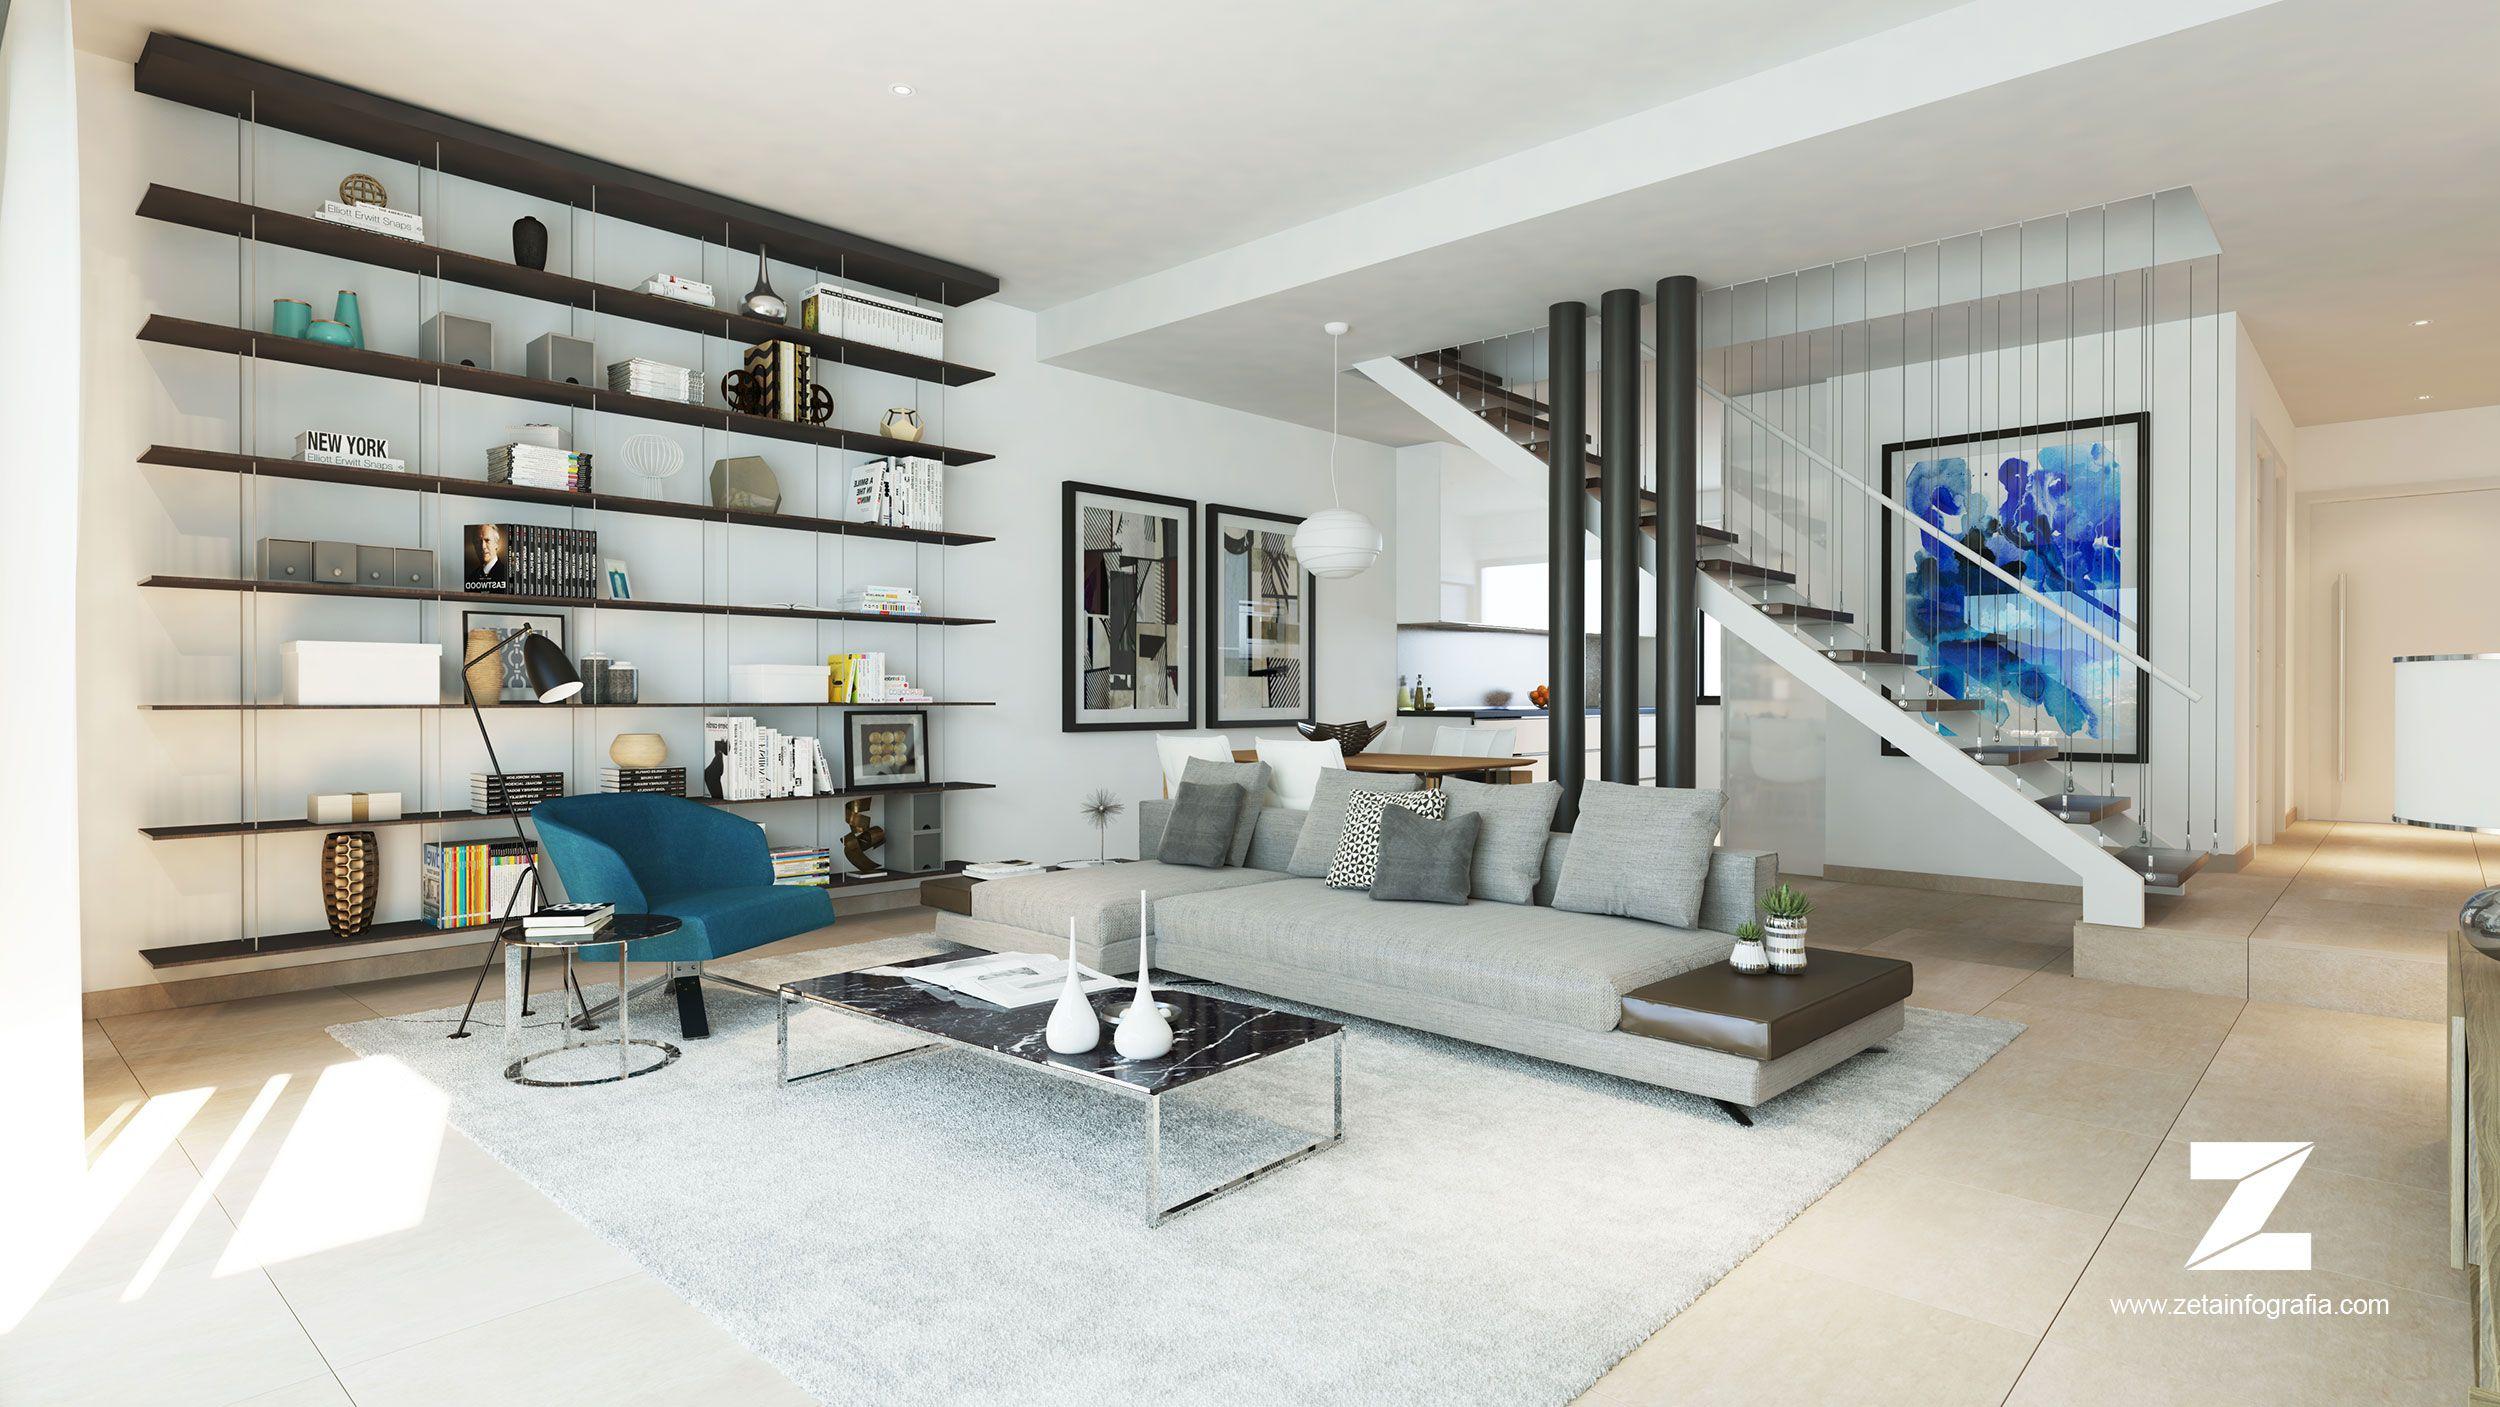 Majestic Heights Es Una Impresionante Promoción De 47 Viviendas Ubicada En  Manilva (Málaga) Donde Pudimos Realizar Imágenes De Interior Y Exterior En  3D, ...